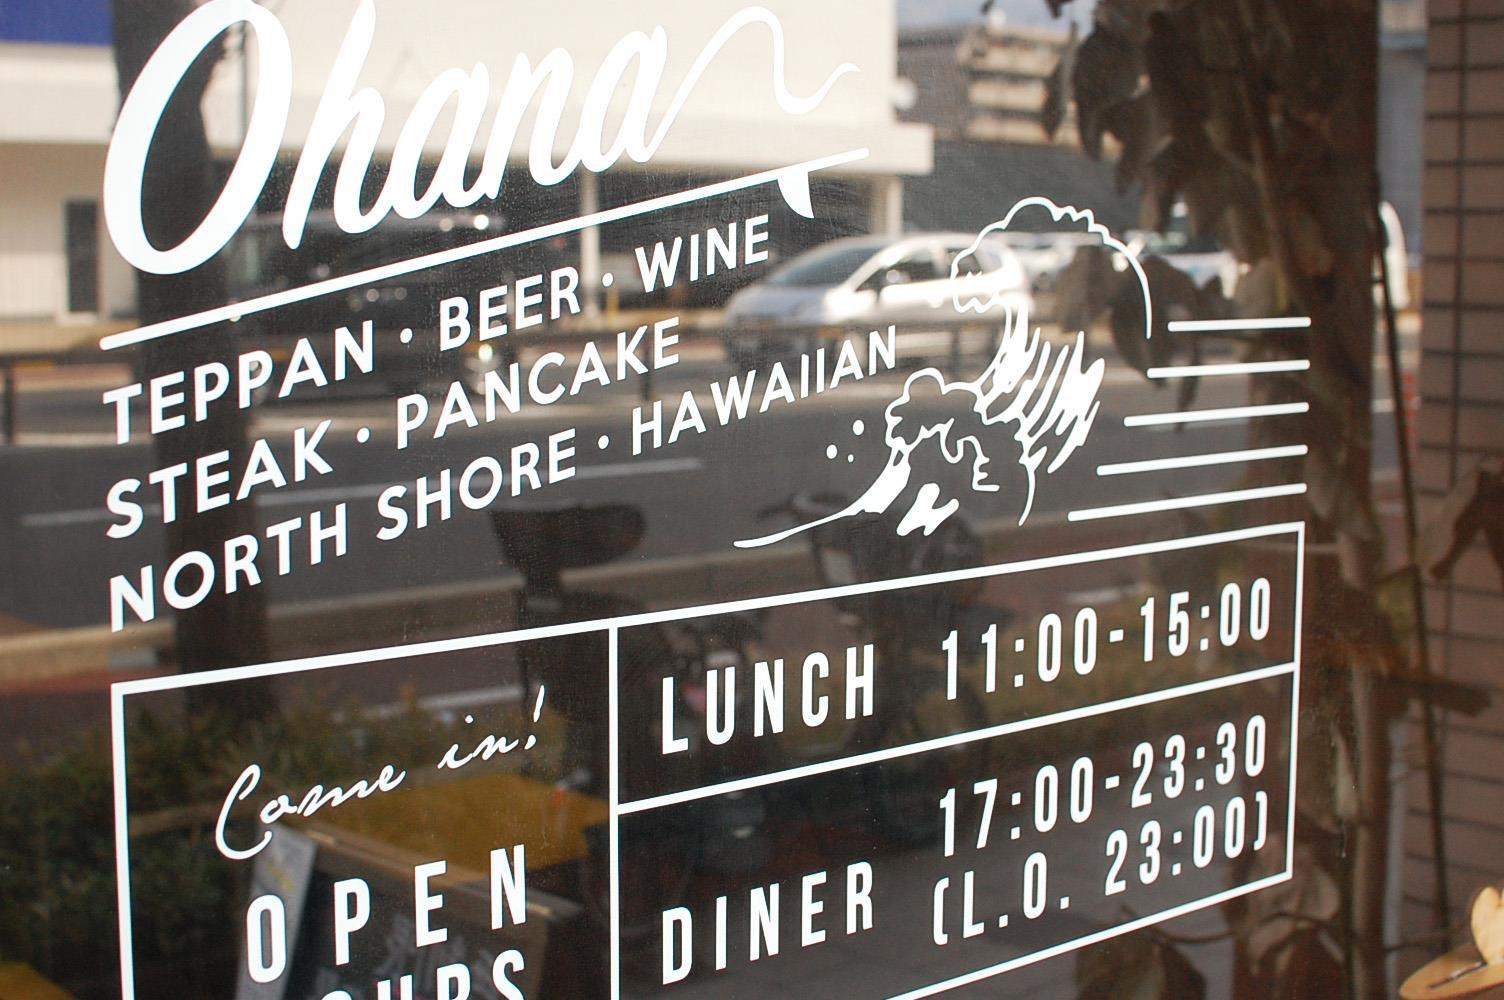 ハワイ料理を楽しめます